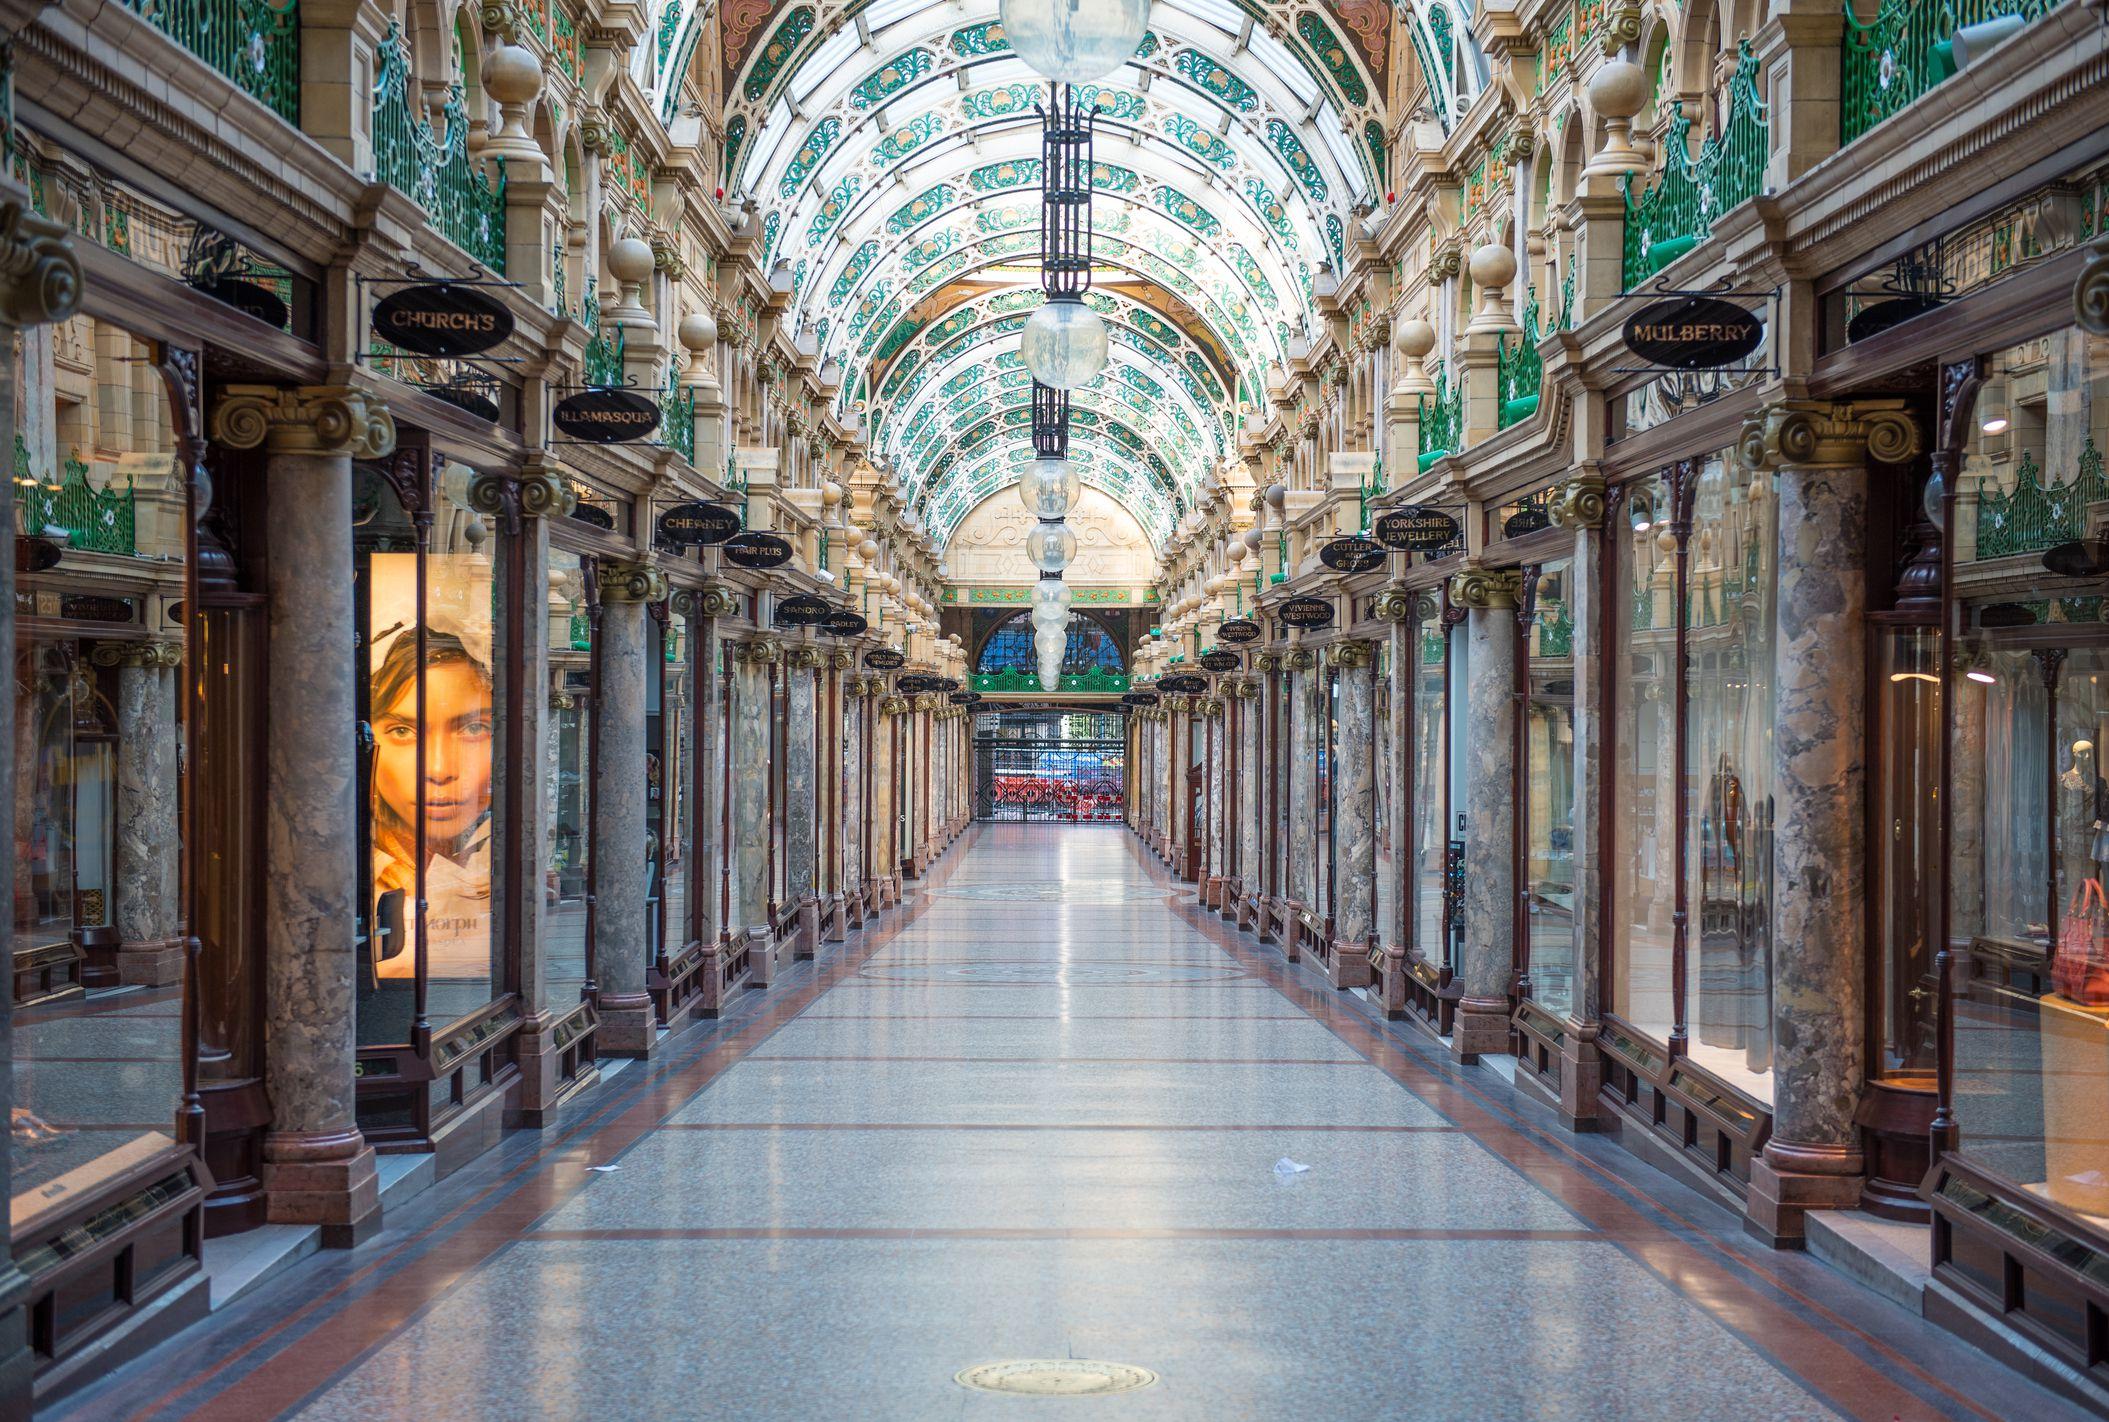 Arcade del condado, Victoria Quarter, Leeds